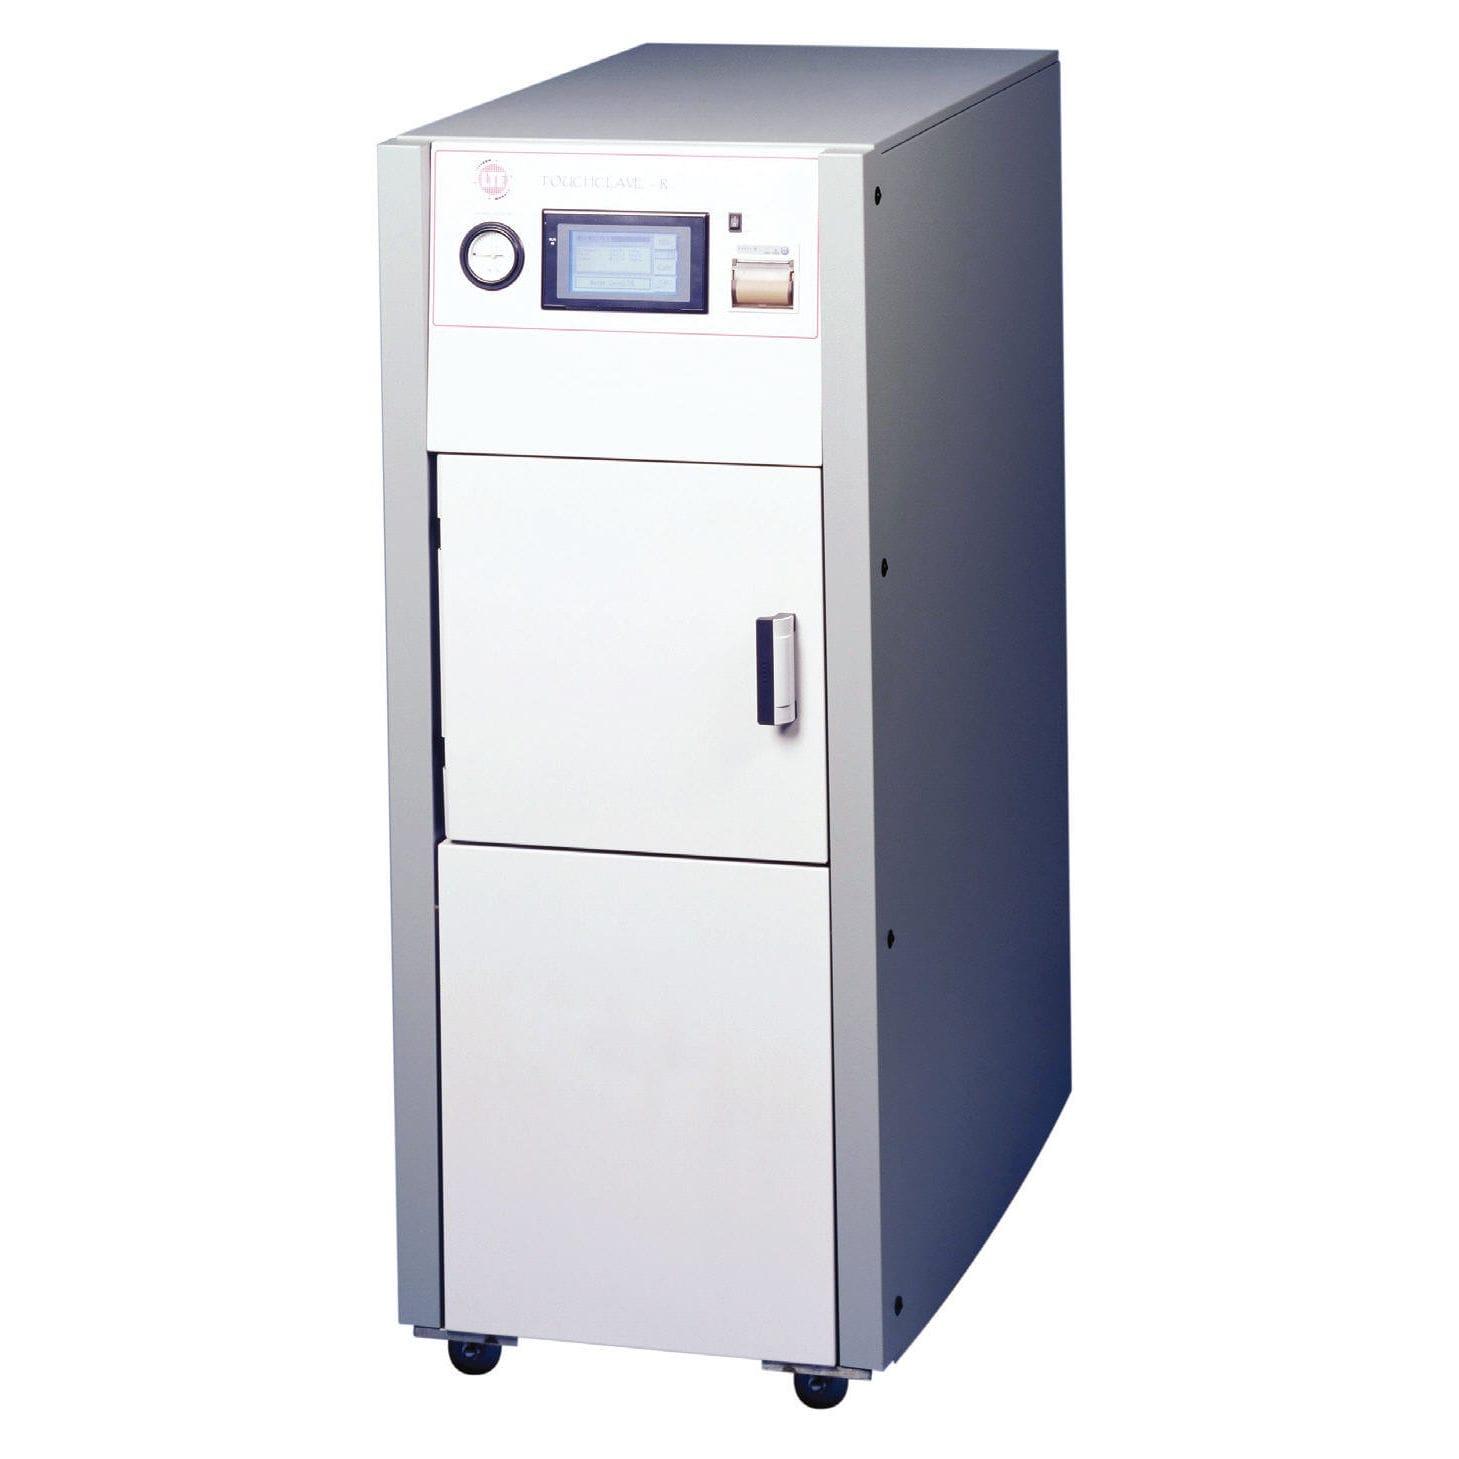 Laboratory autoclave mobile TOUCHCLAVE RPL LTE Scientific